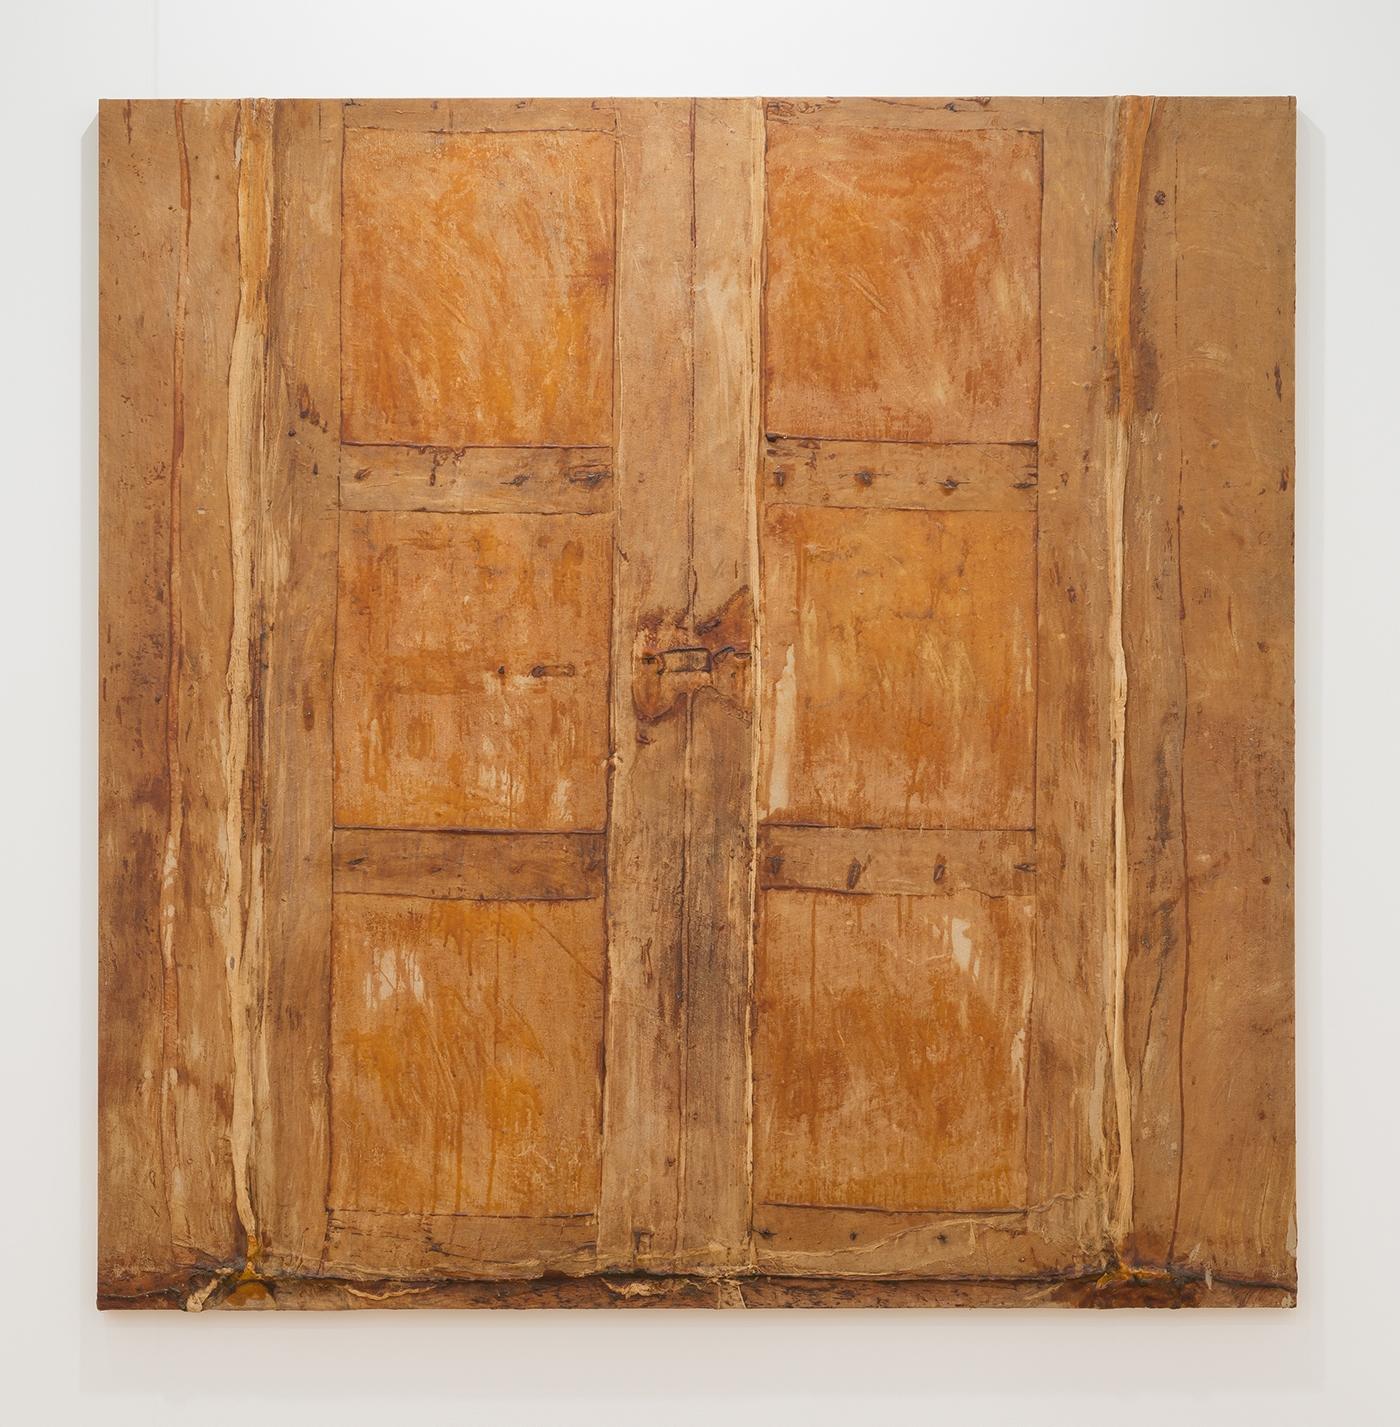 HEIDI BUCHER, Untitled (Puerta beige grande / Large beige door), 1986